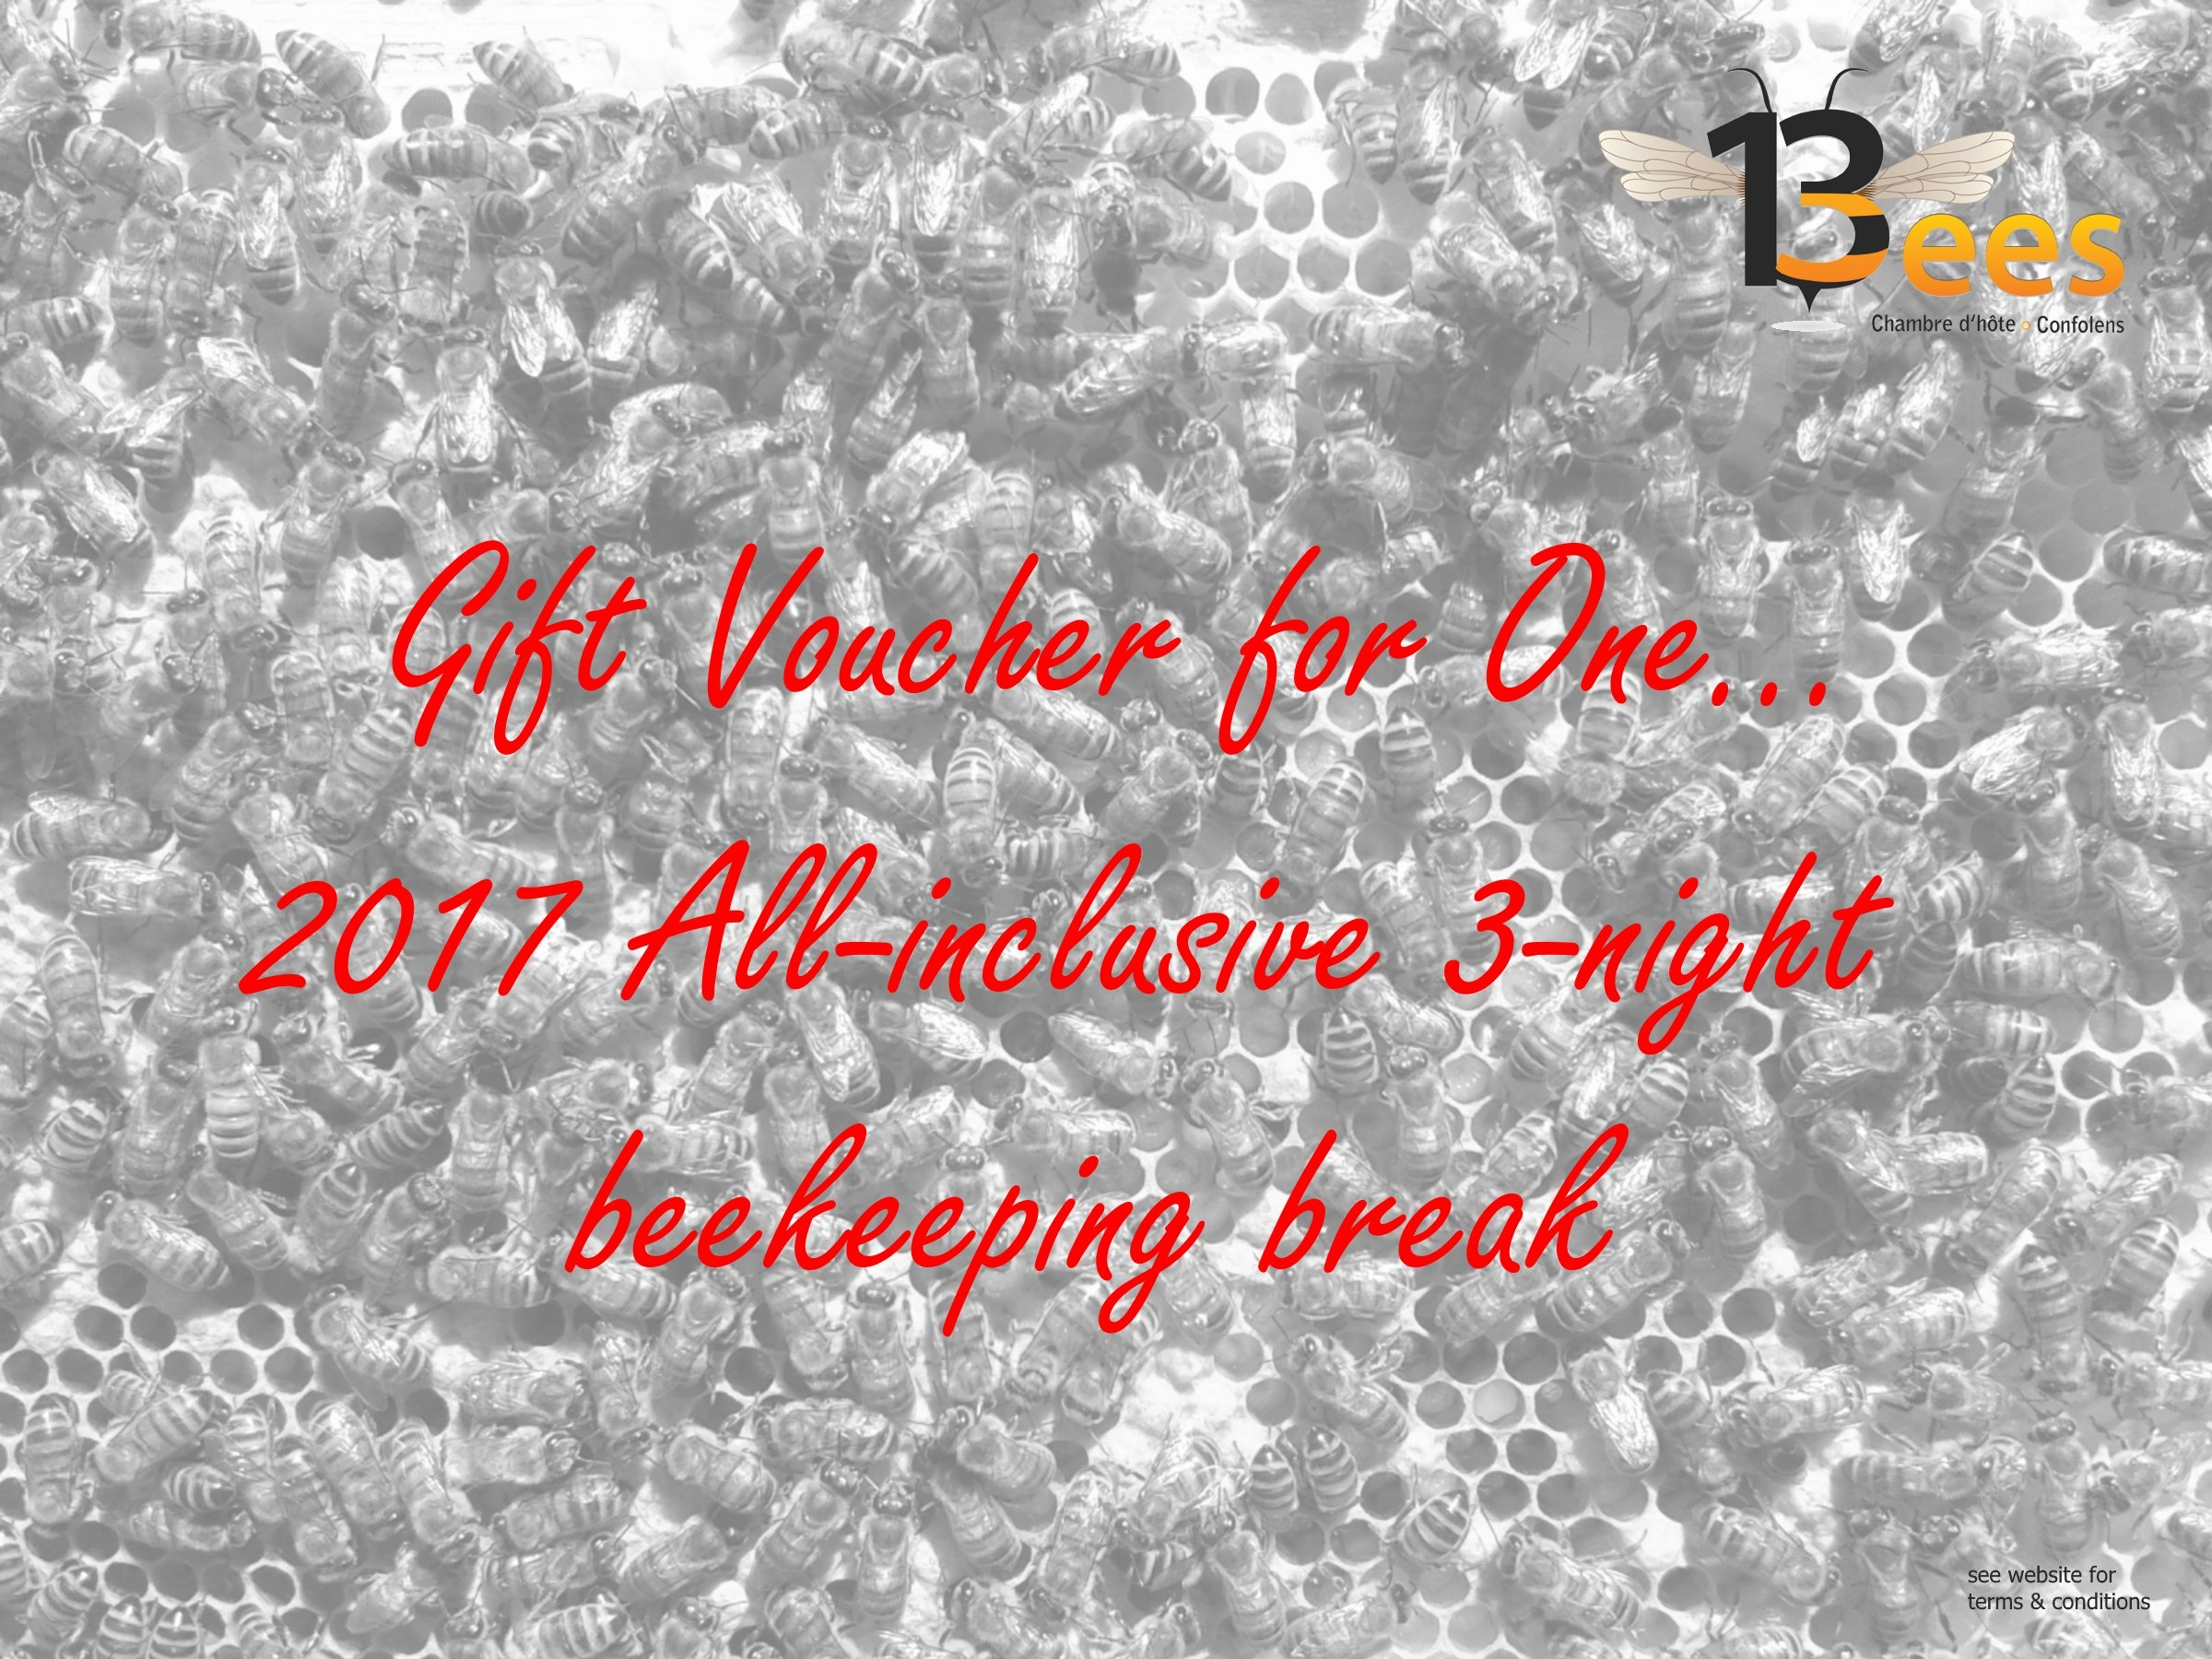 3-night beekeeping break